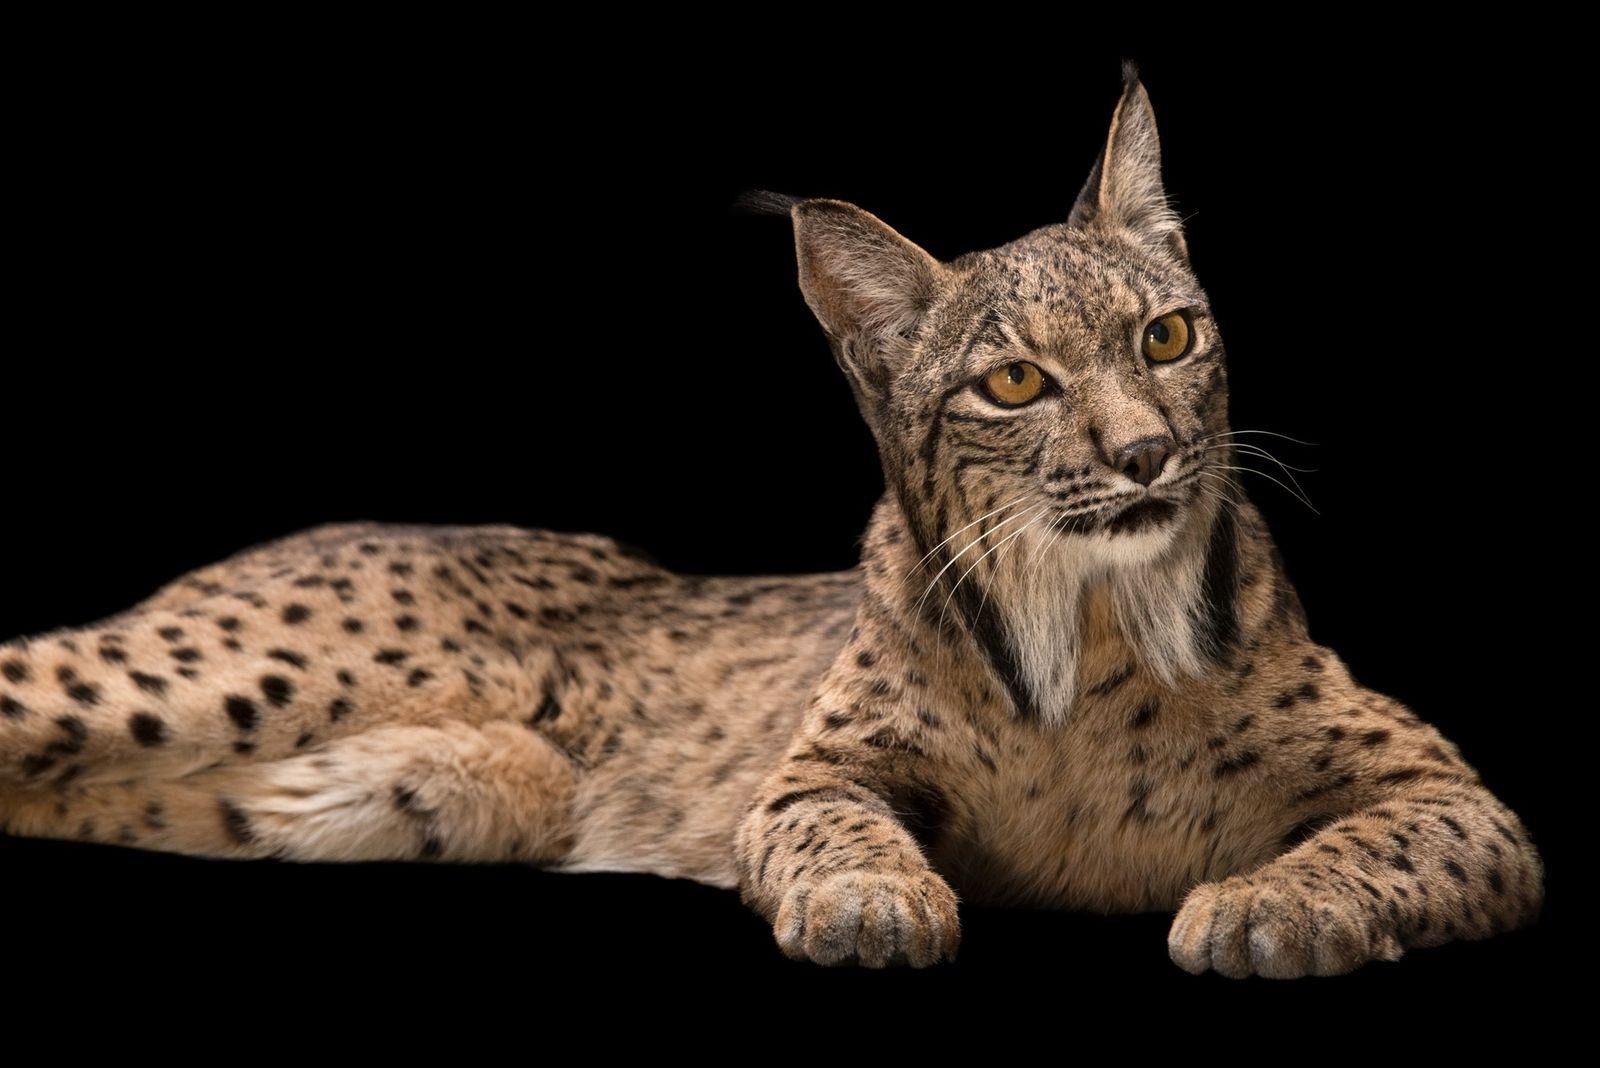 Longe das sombras, os gatos selvagens que você nunca viu